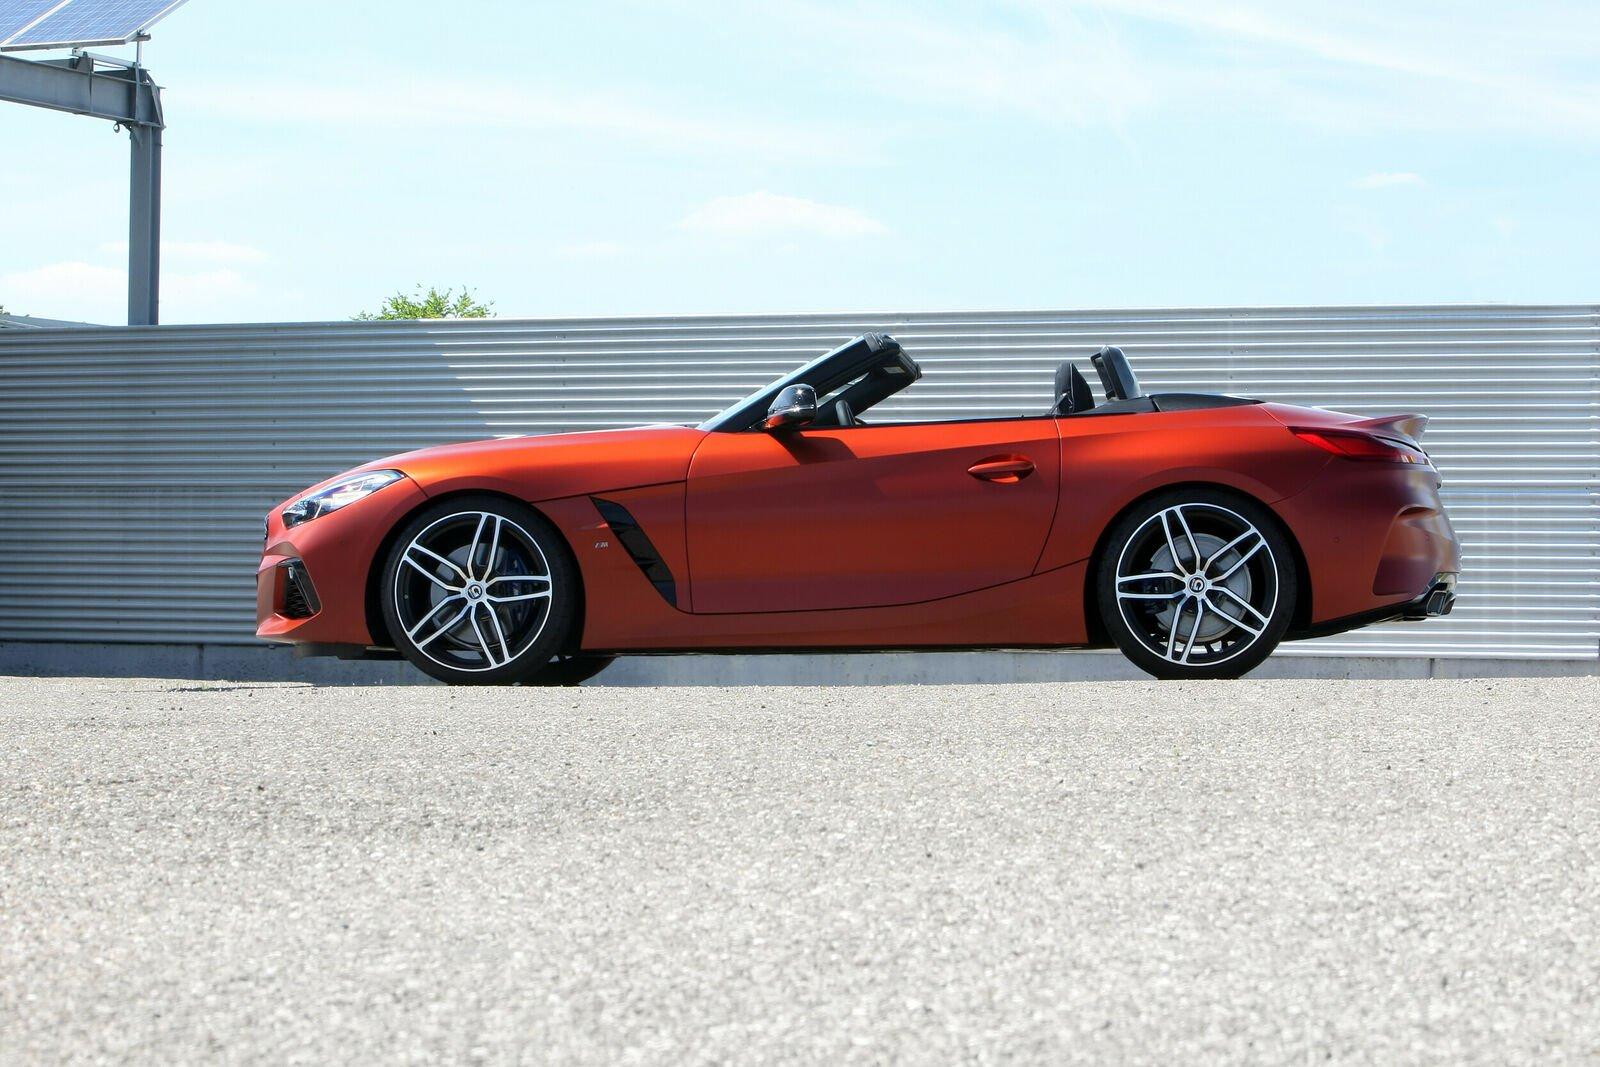 BMW-Z4-M40i-by-G-Power-2